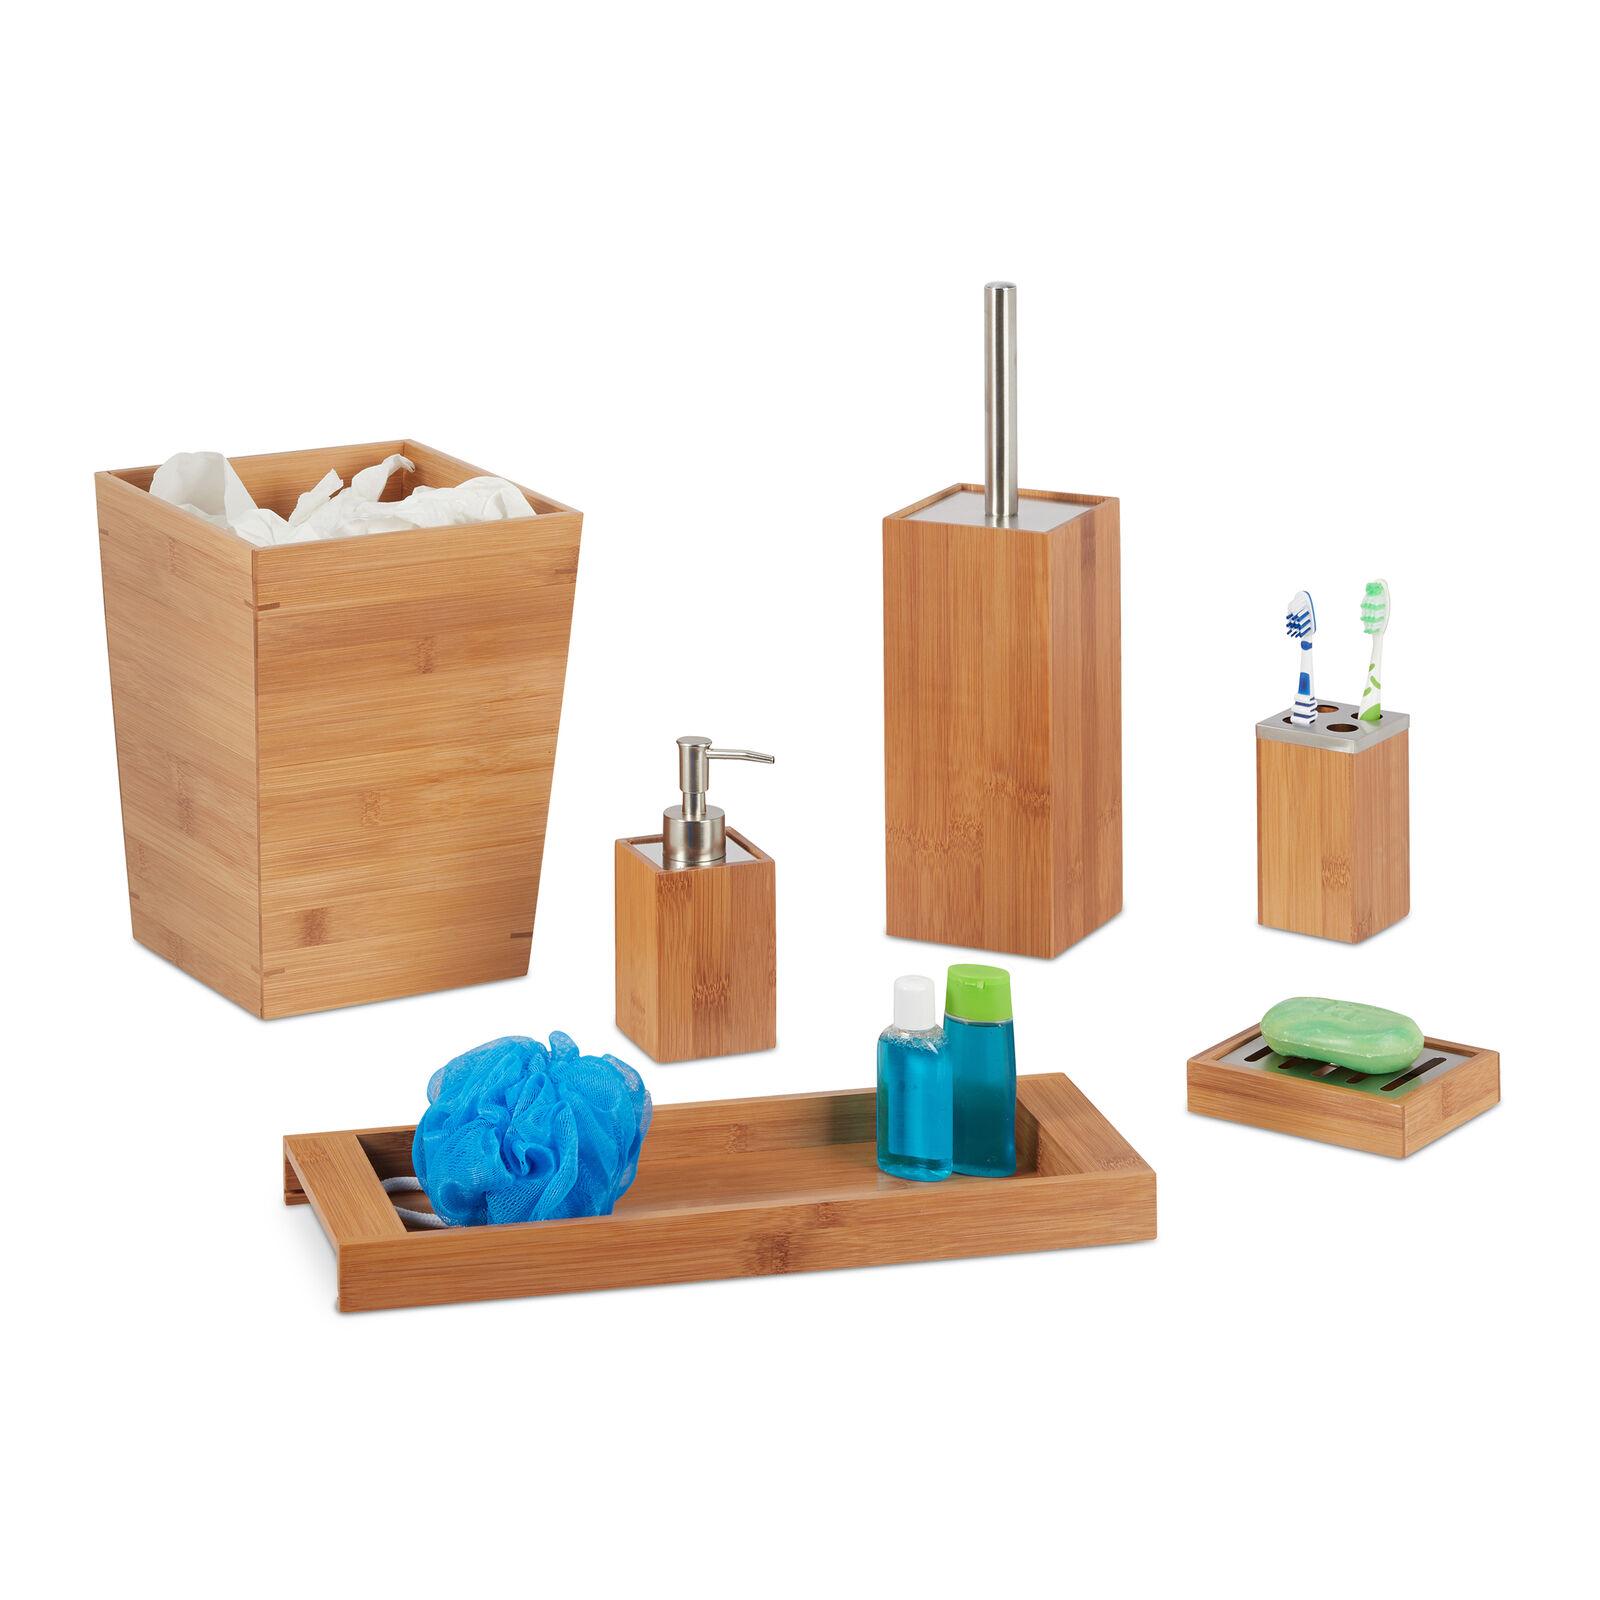 Set salle de bain bambou 6 pièces, Kit sdb, garniture WC, porte brosses à dents